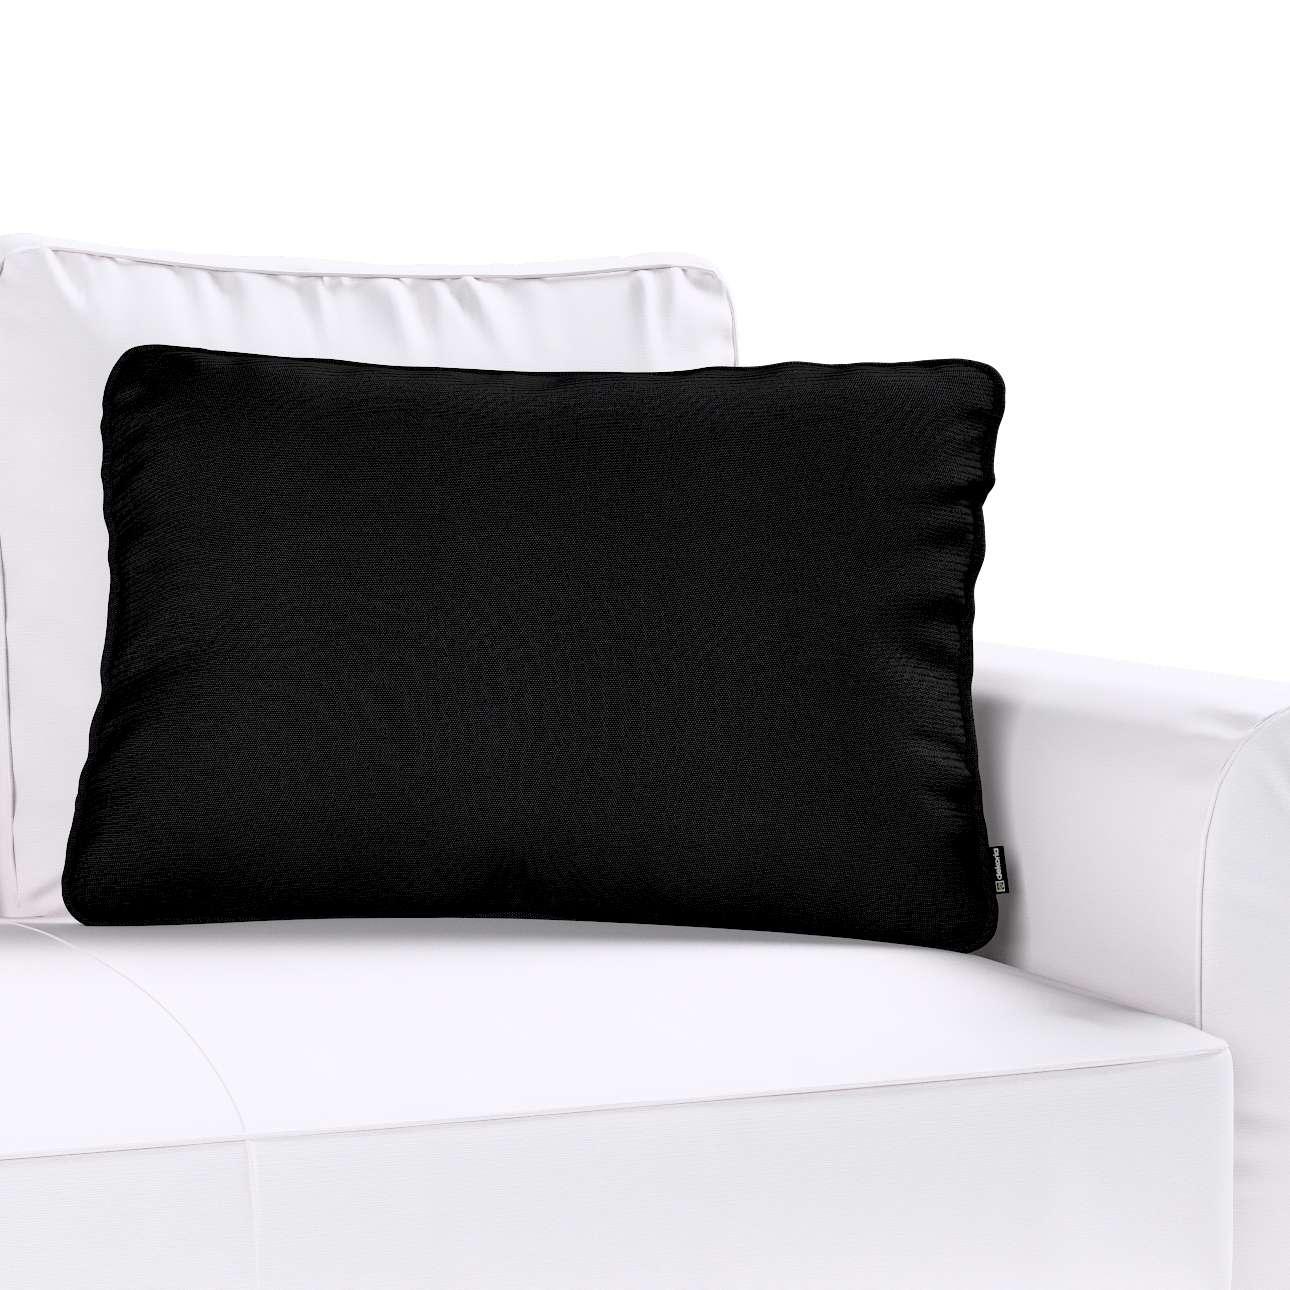 Poszewka Gabi na poduszkę prostokątna w kolekcji Etna, tkanina: 705-00